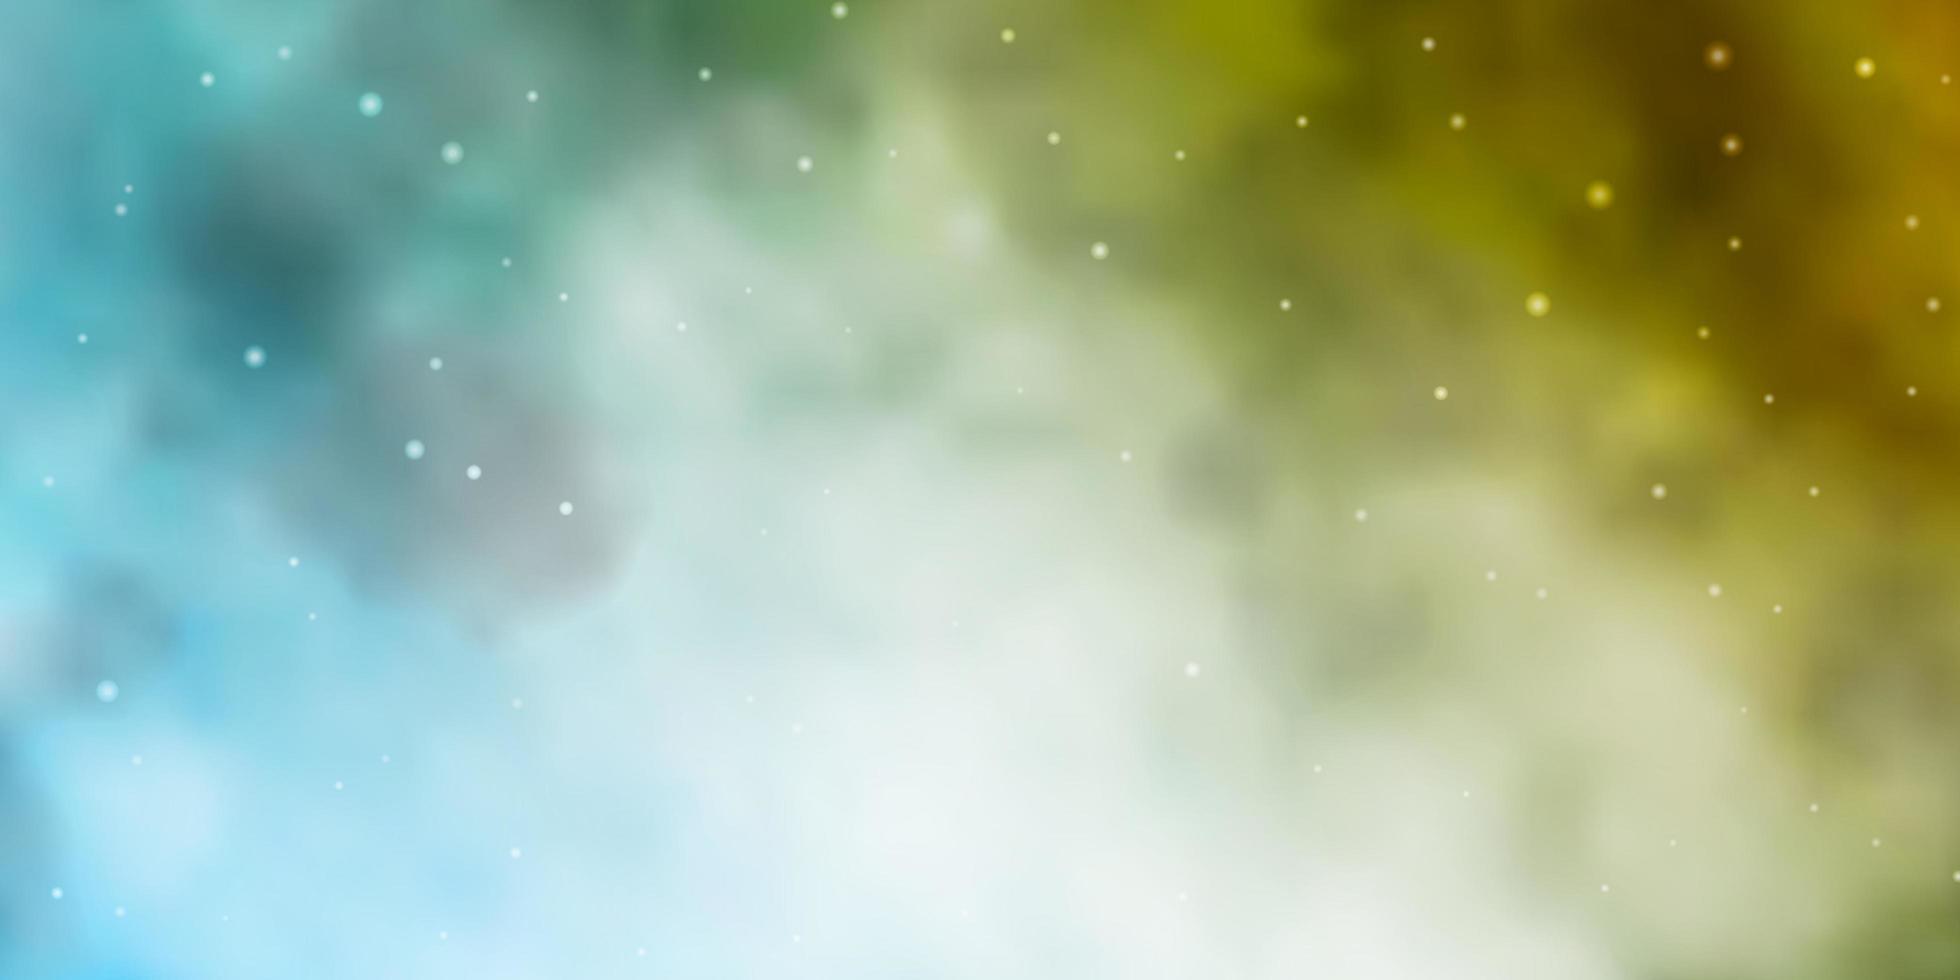 layout de vetor de azul claro e amarelo com estrelas brilhantes.